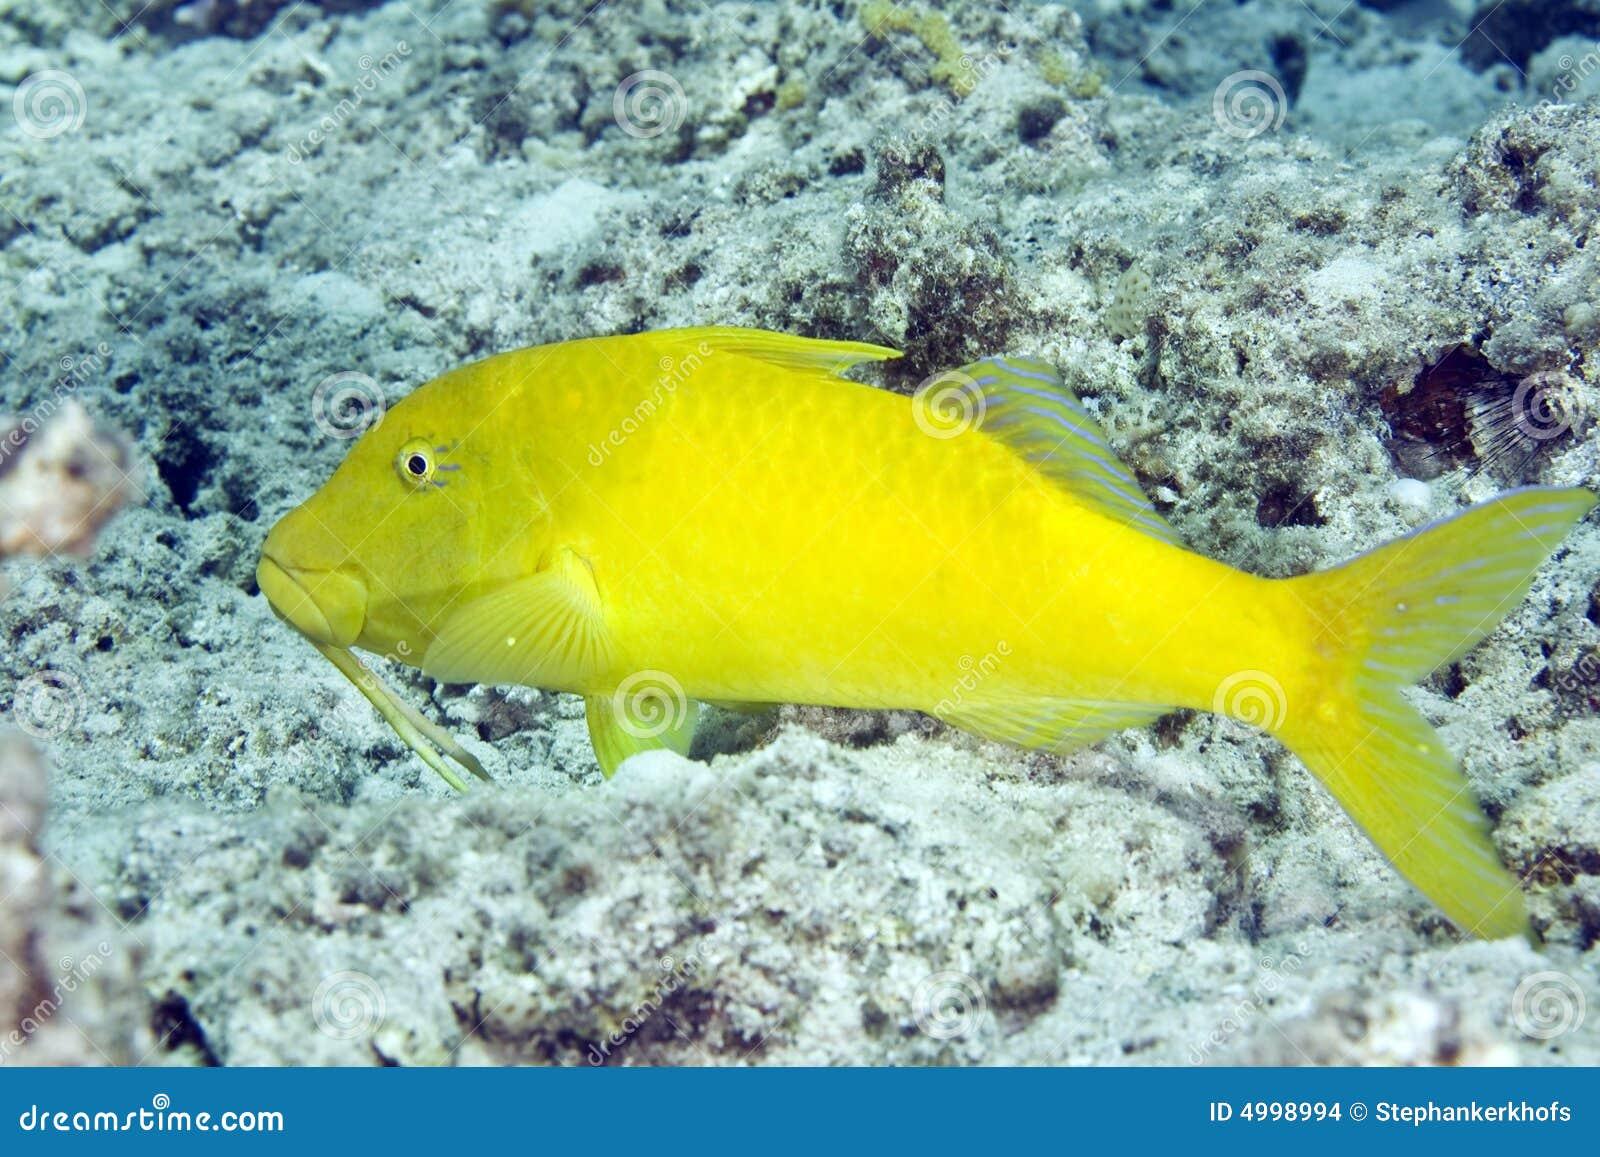 Yellowsaddle goatfish (parupeneus cyclostomus)